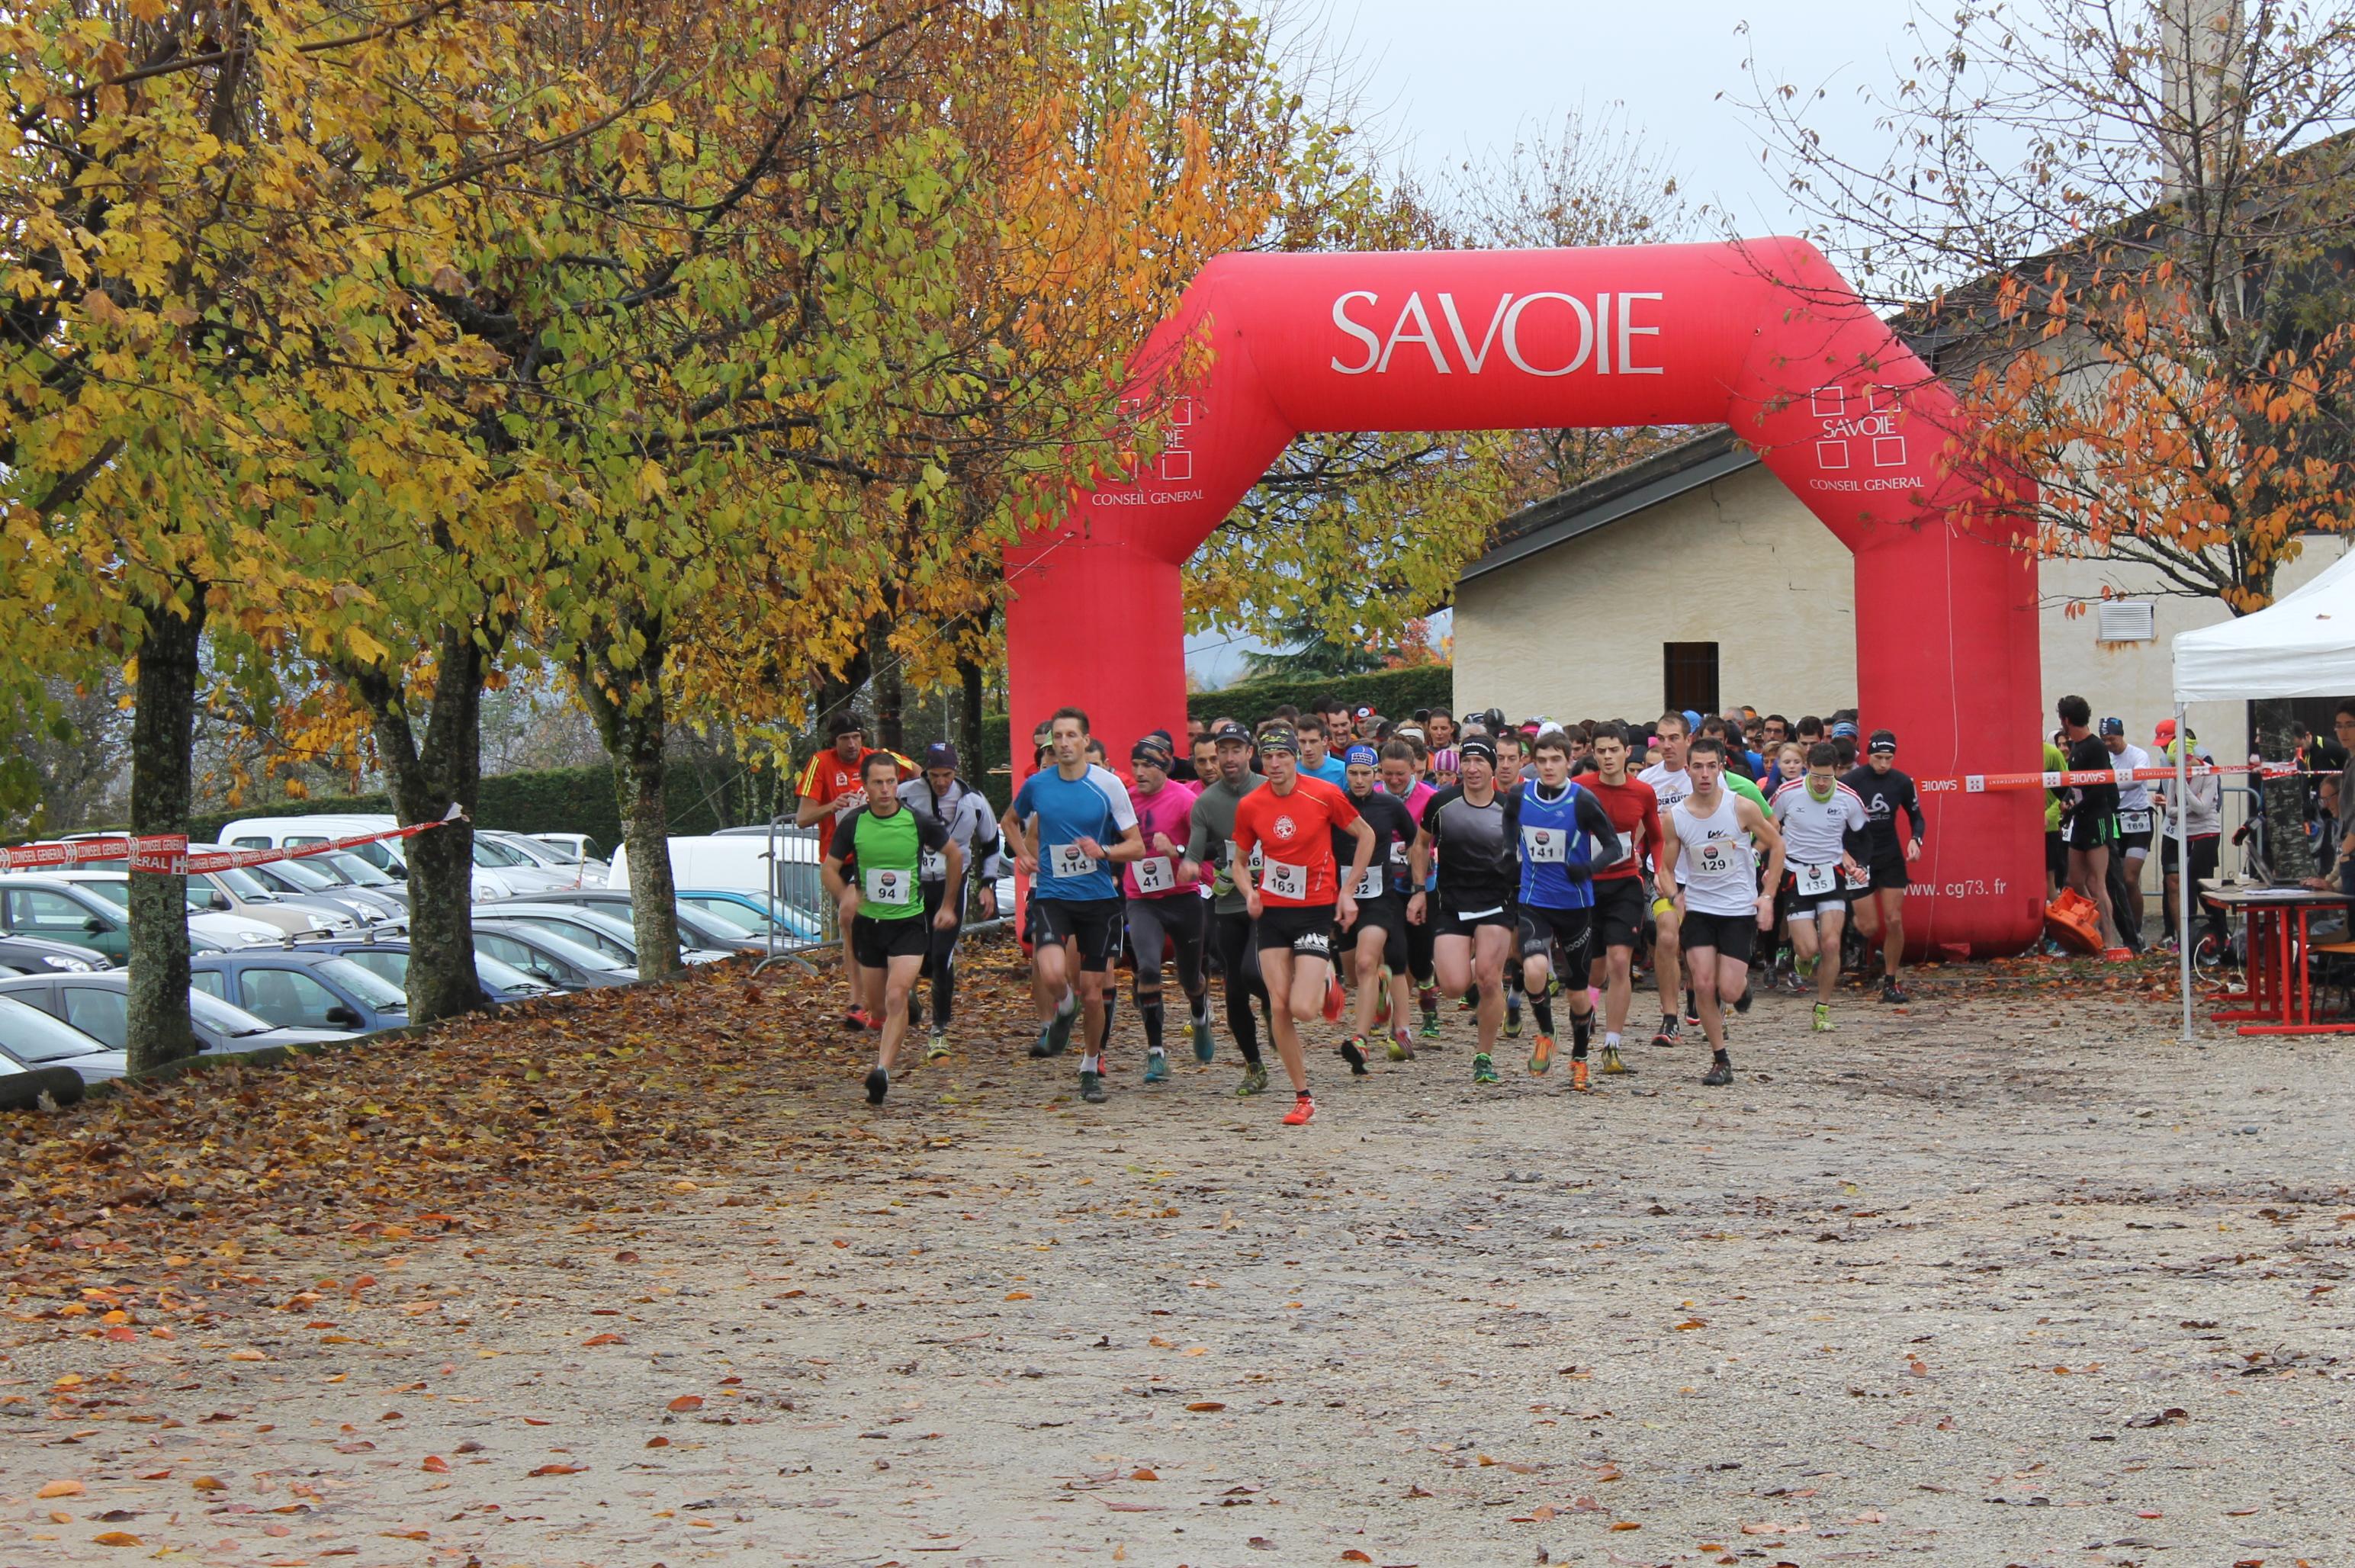 IMG 5976 - COMPTE-RENDU DE LA SANGE'RUN (PAR ALEXANDRE GARIN) / 16-11-14